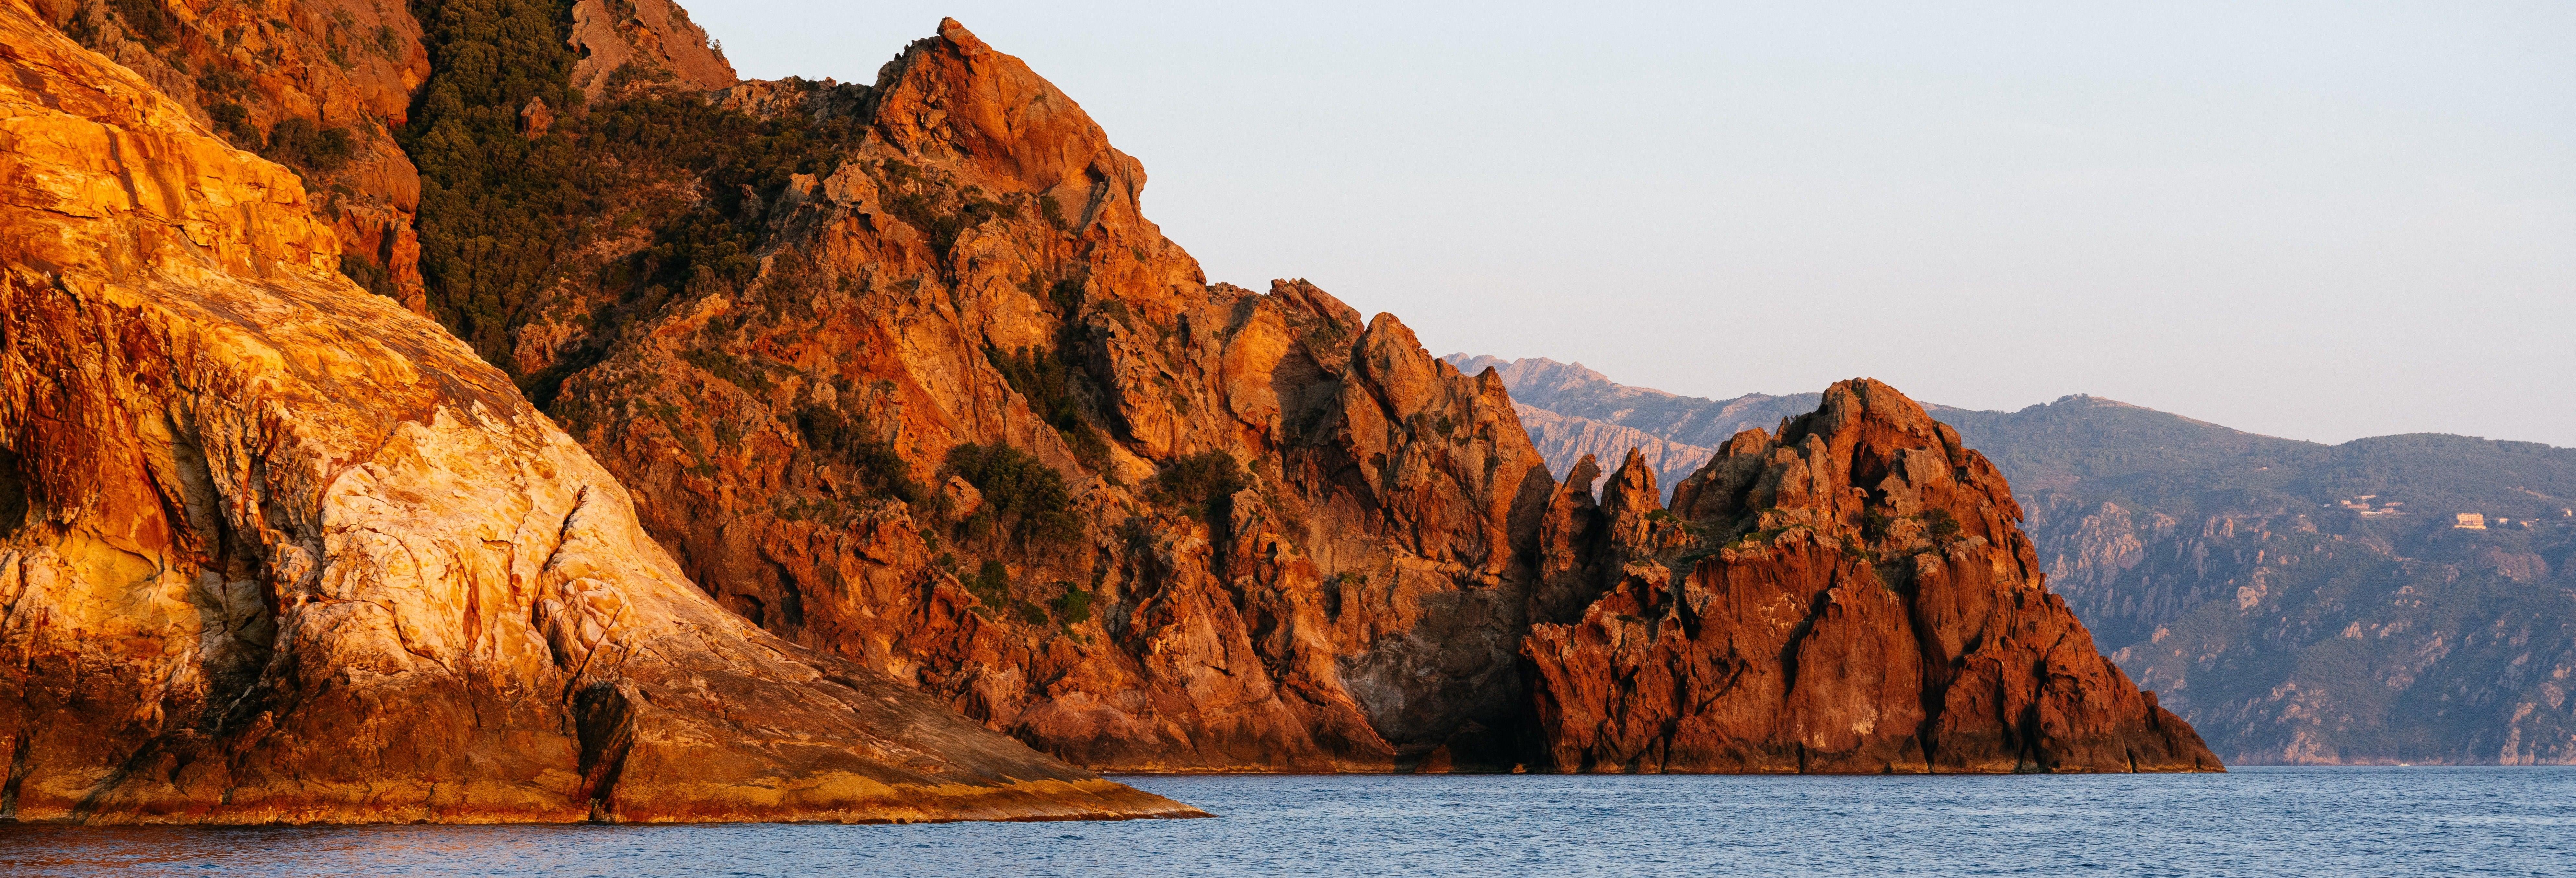 Excursión en barco a Scandola